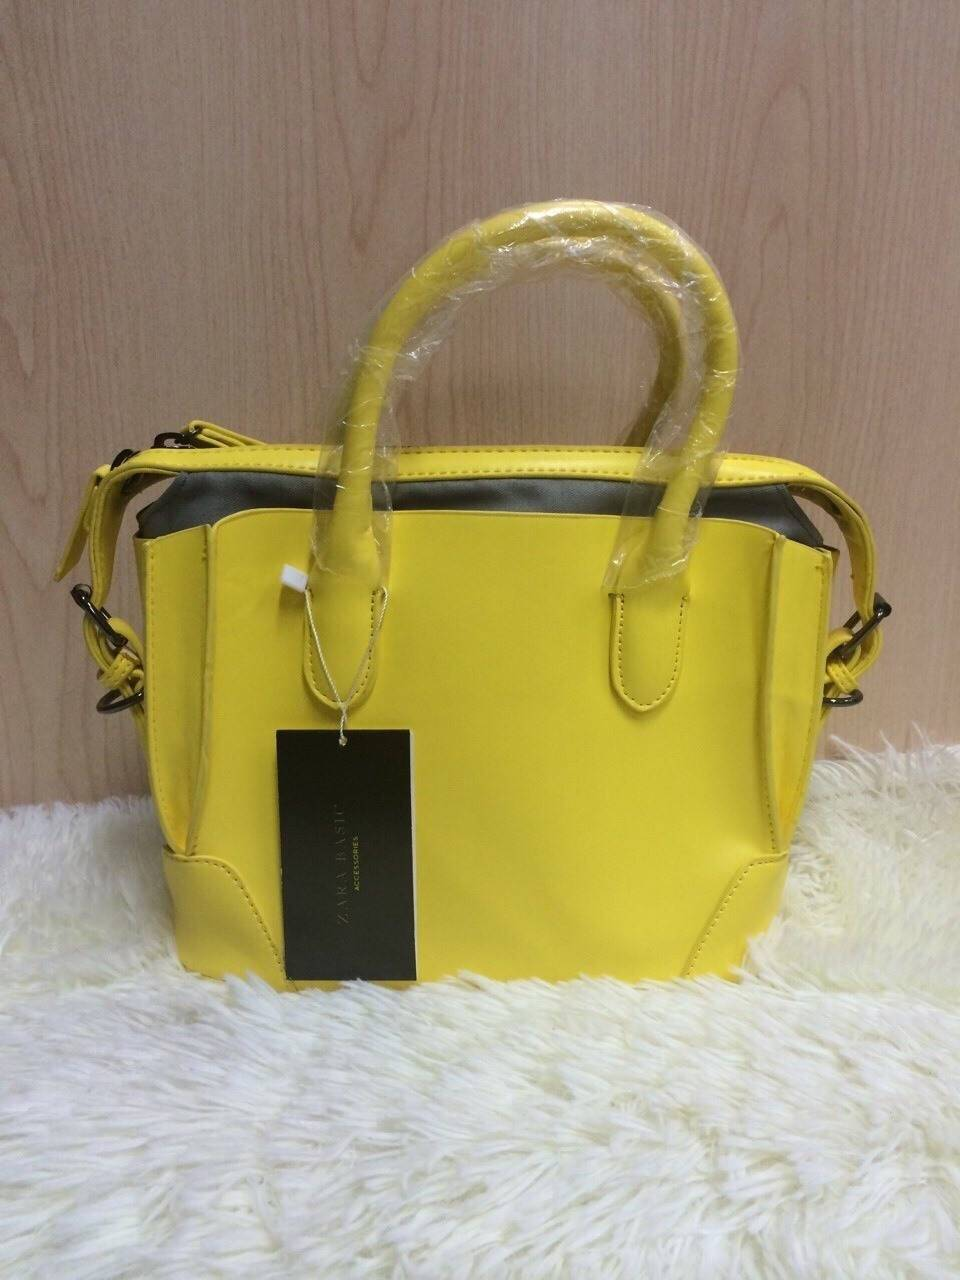 พร้อมส่ง ขาว ดำ เหลือง Zara Gussetted shopper bag ข้างในมีกระเป๋าแยกอีก 1 ใบ สายยาว119cm. ถอดได้ สี: ขาว/ดำ Size : 24x19.5x10cm ***งานชนช็อป*** ราคาปลีก 1,490฿